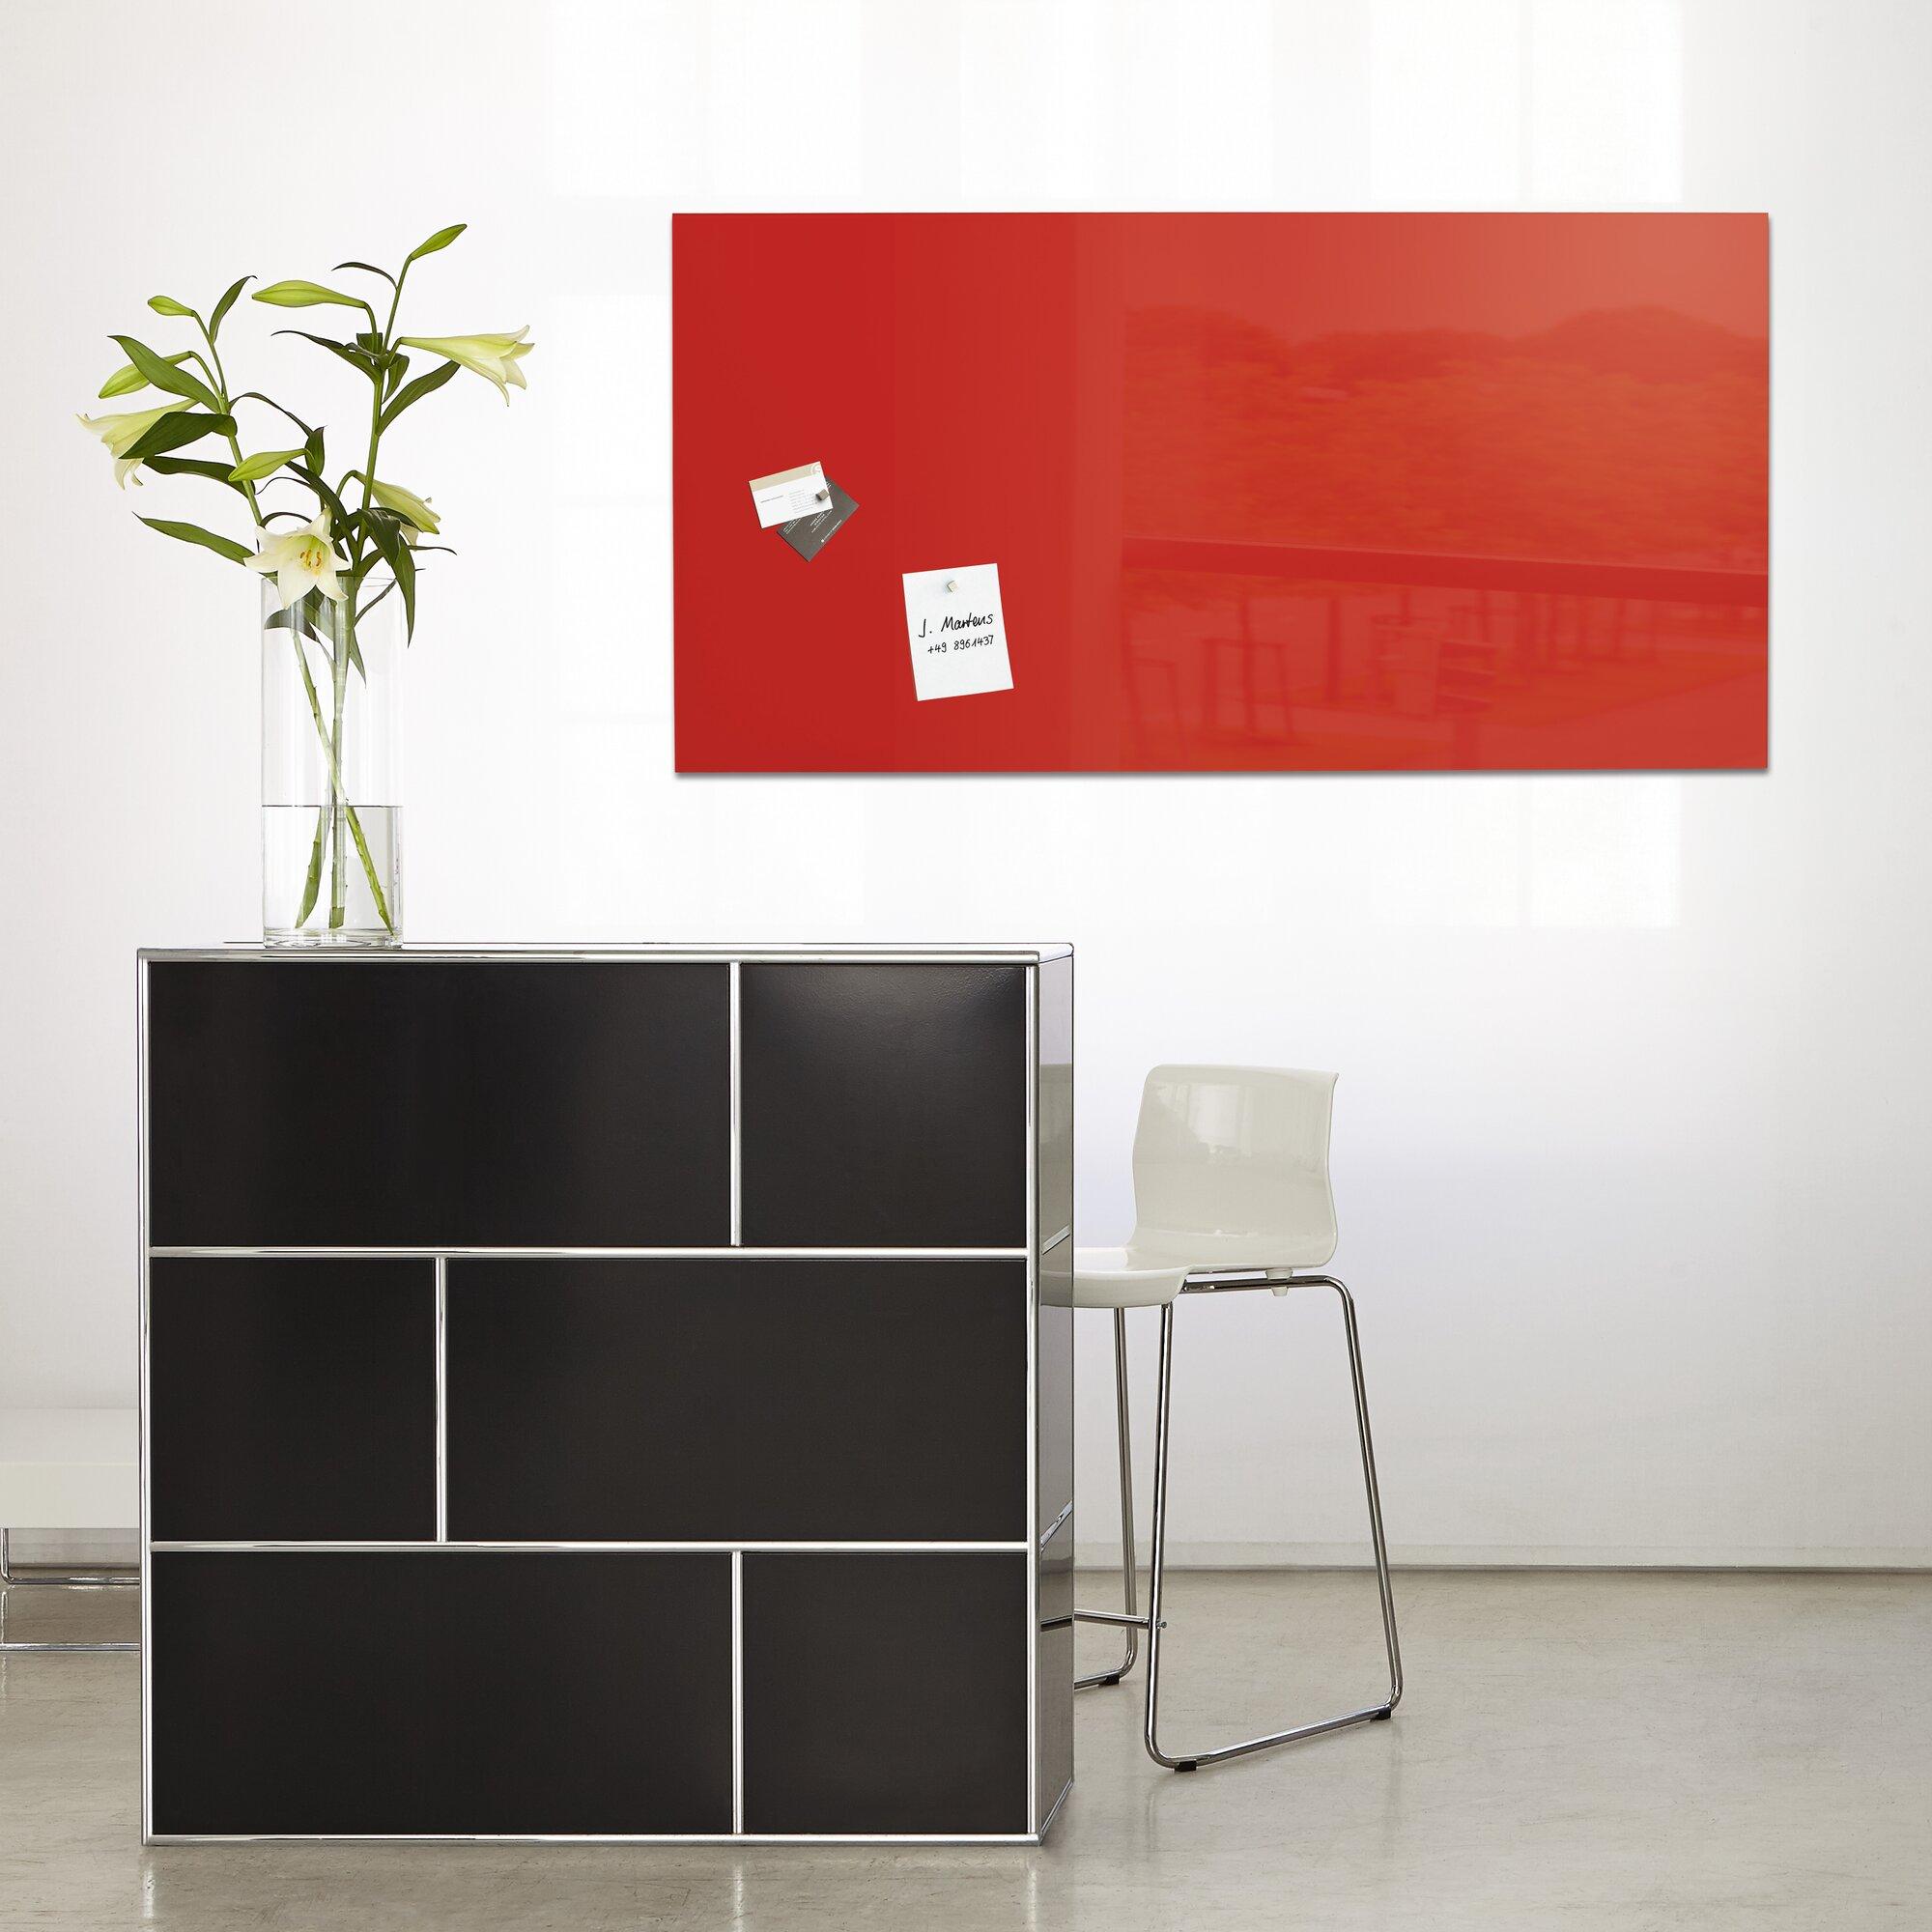 sigel sigel magnetic glass memo board reviews. Black Bedroom Furniture Sets. Home Design Ideas